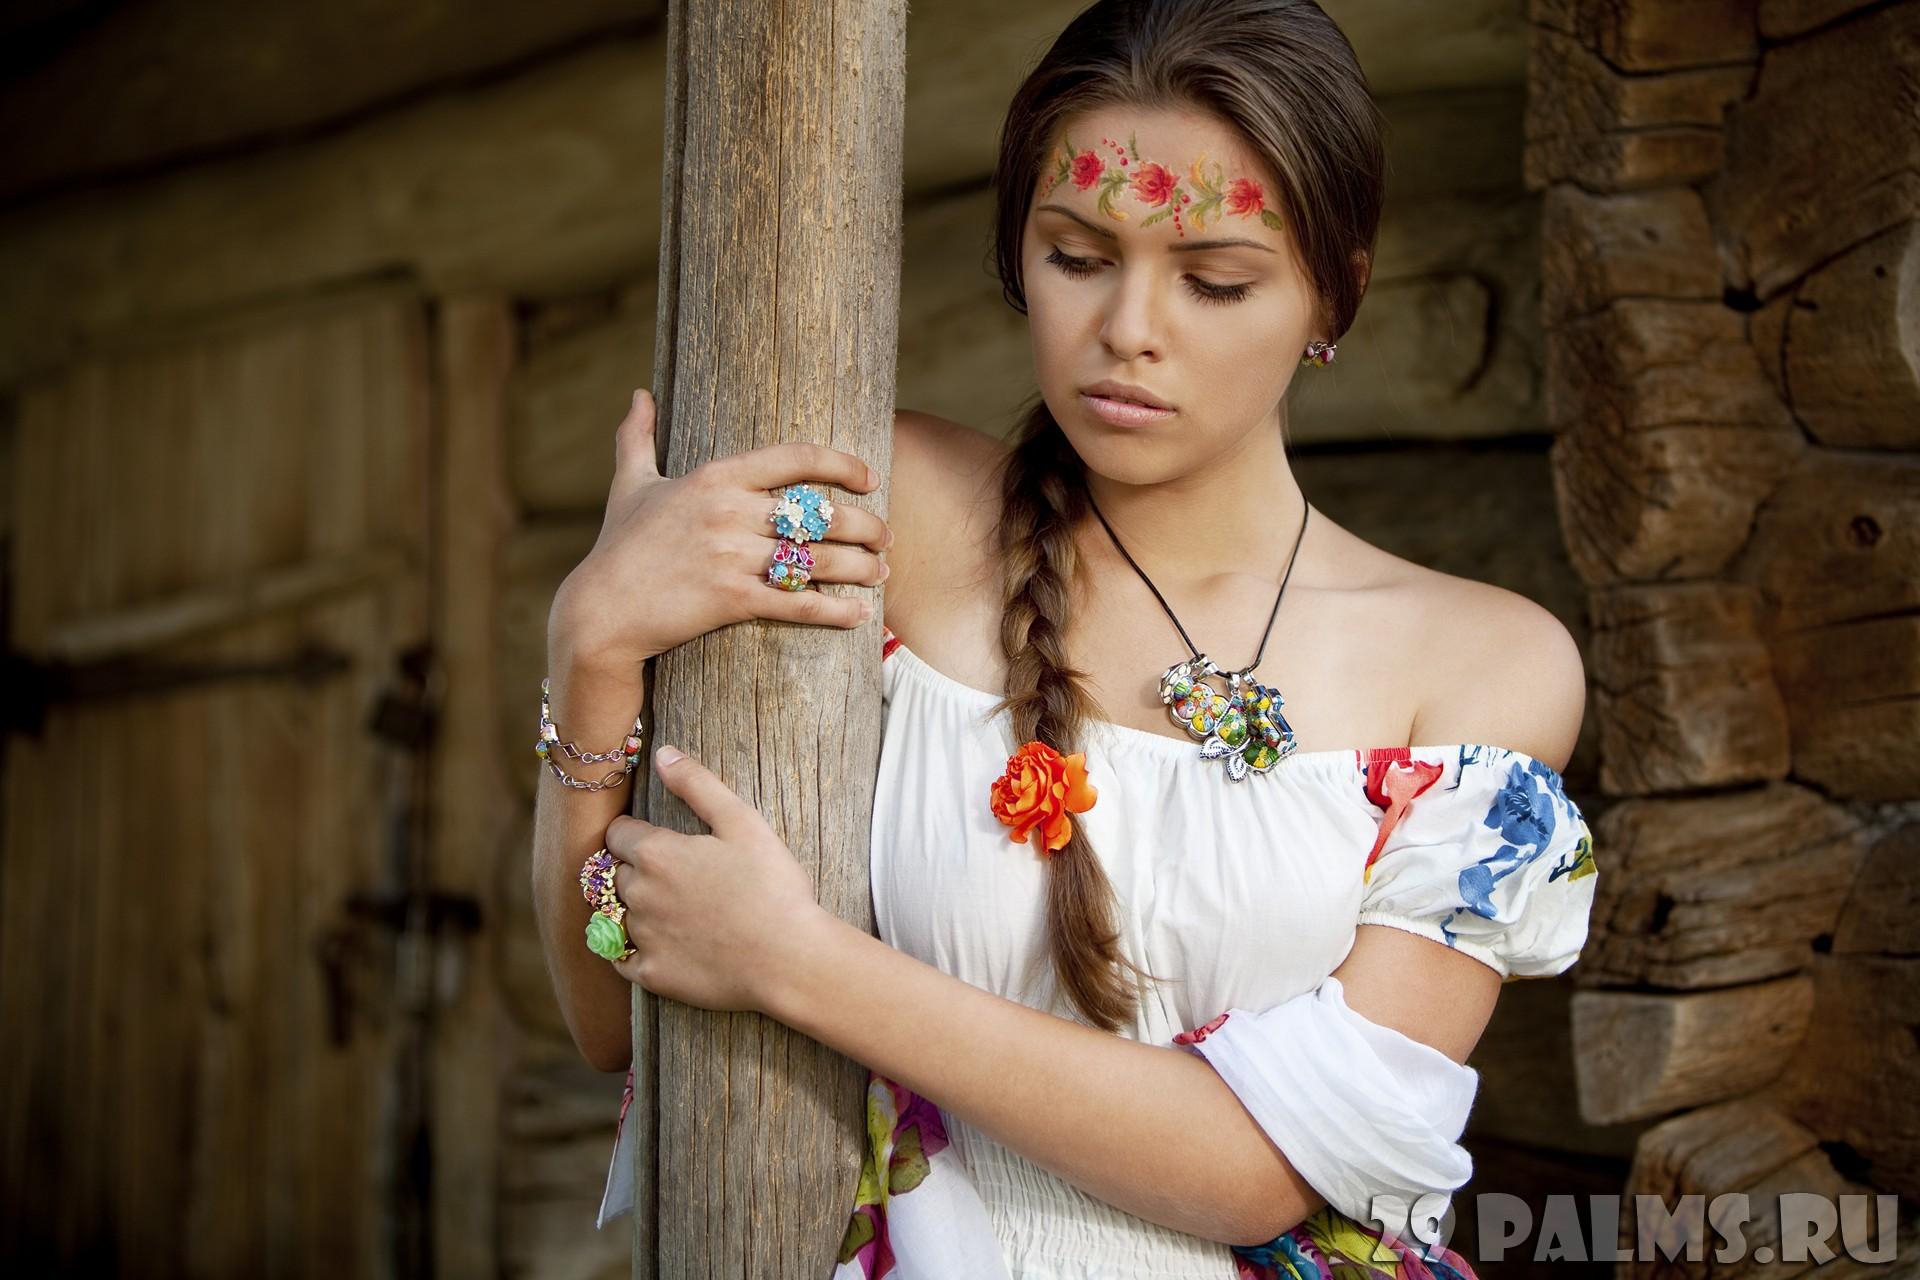 Украинские дивчины фото 23 фотография